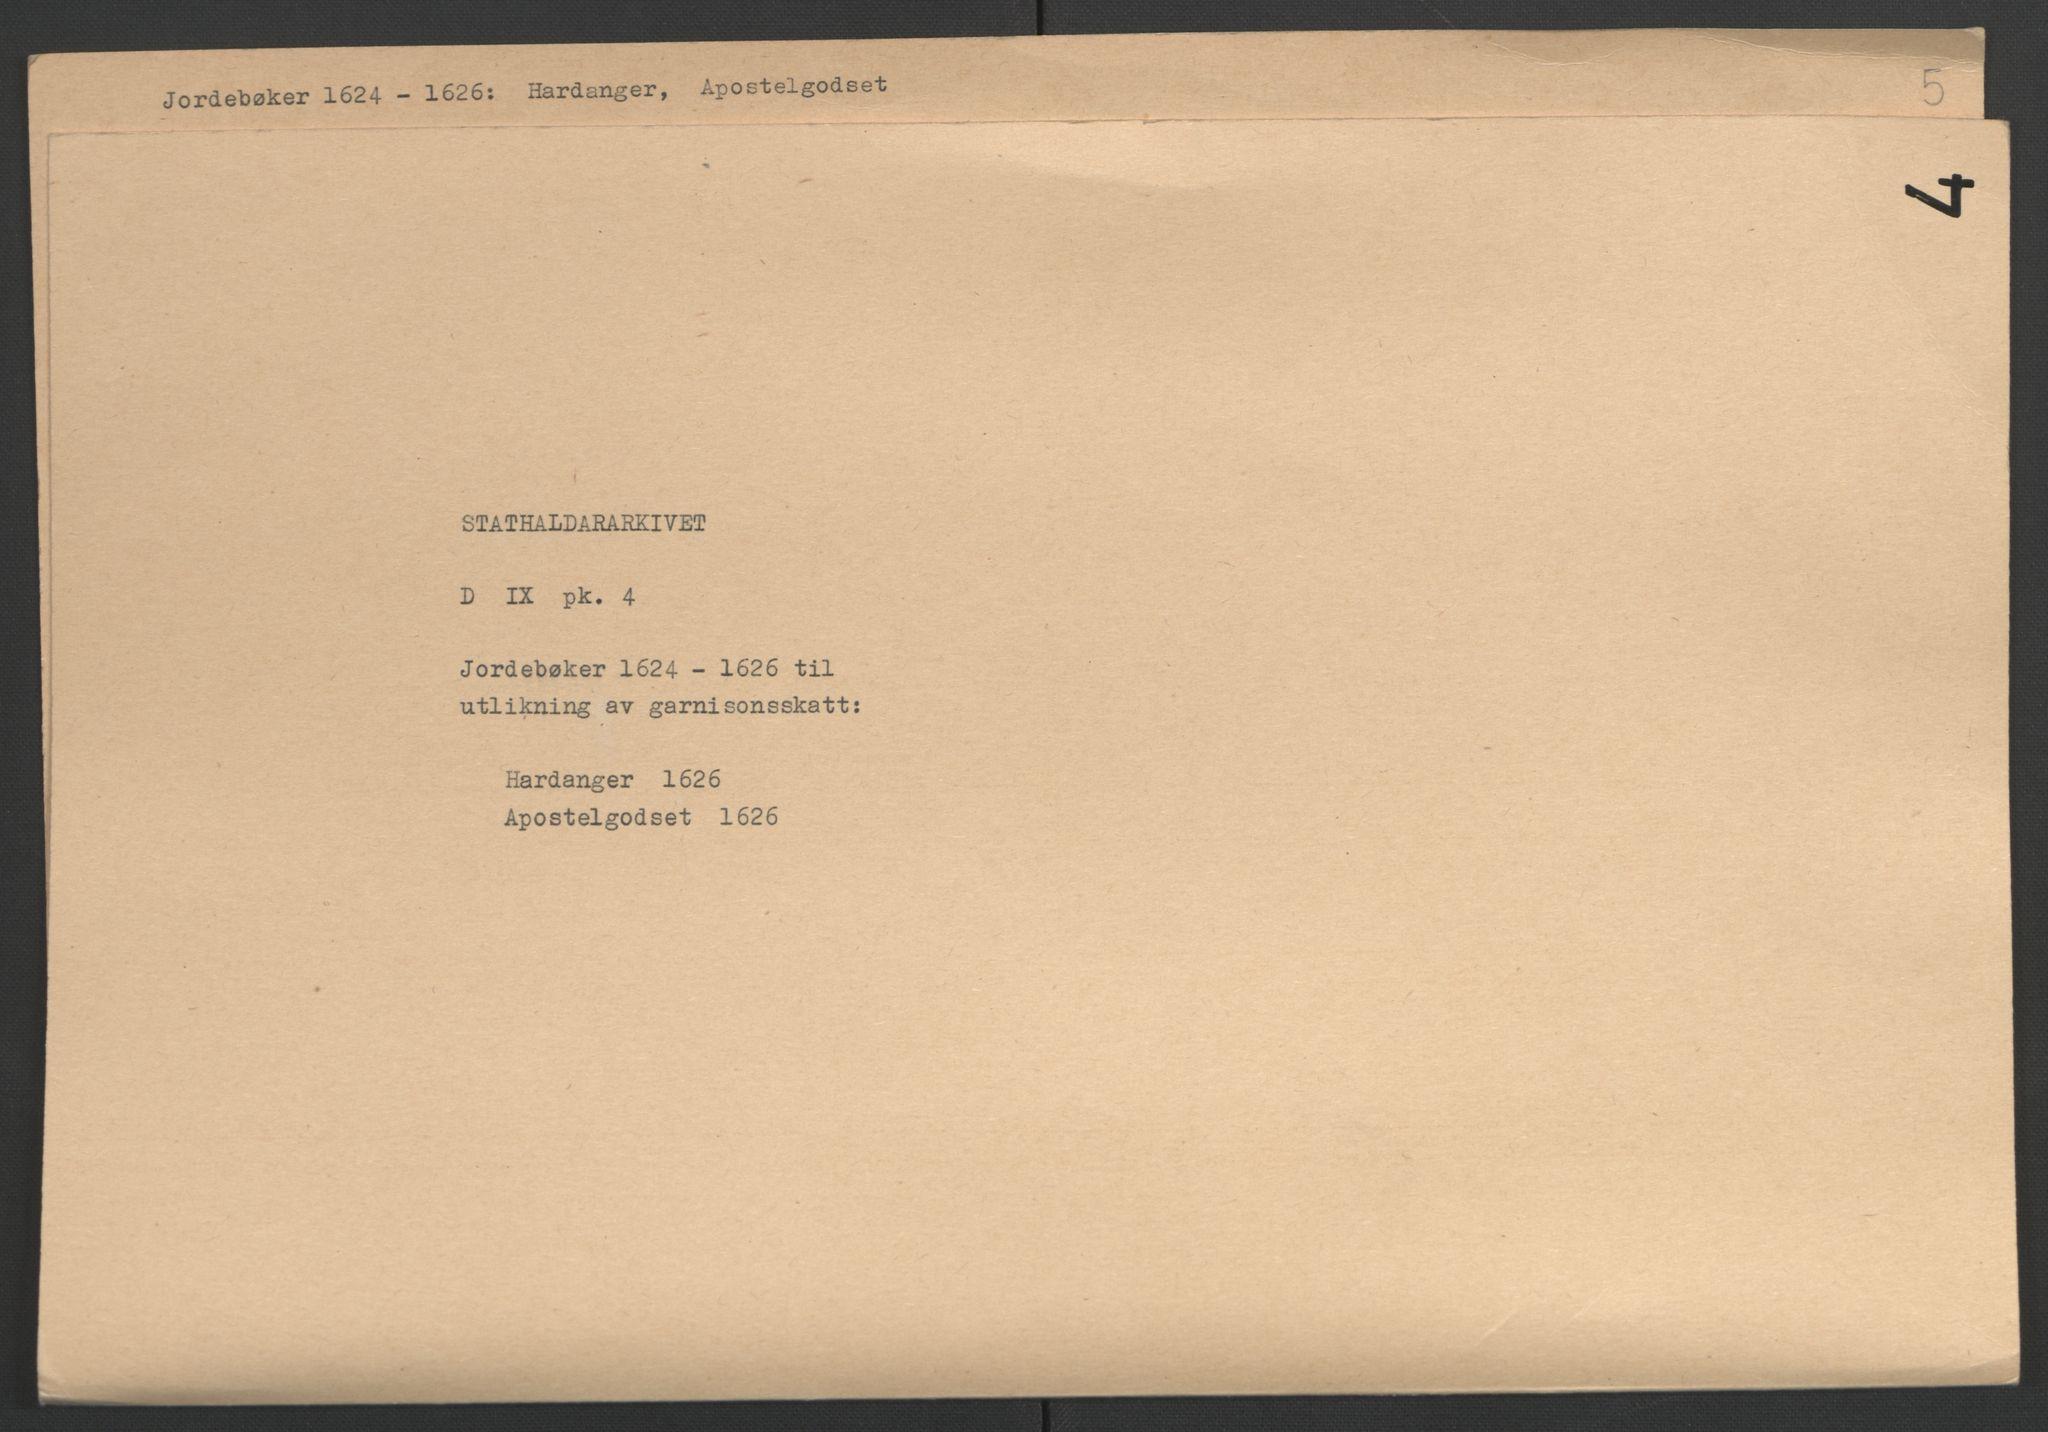 RA, Stattholderembetet 1572-1771, Ek/L0004: Jordebøker til utlikning av garnisonsskatt 1624-1626:, 1626, s. 228